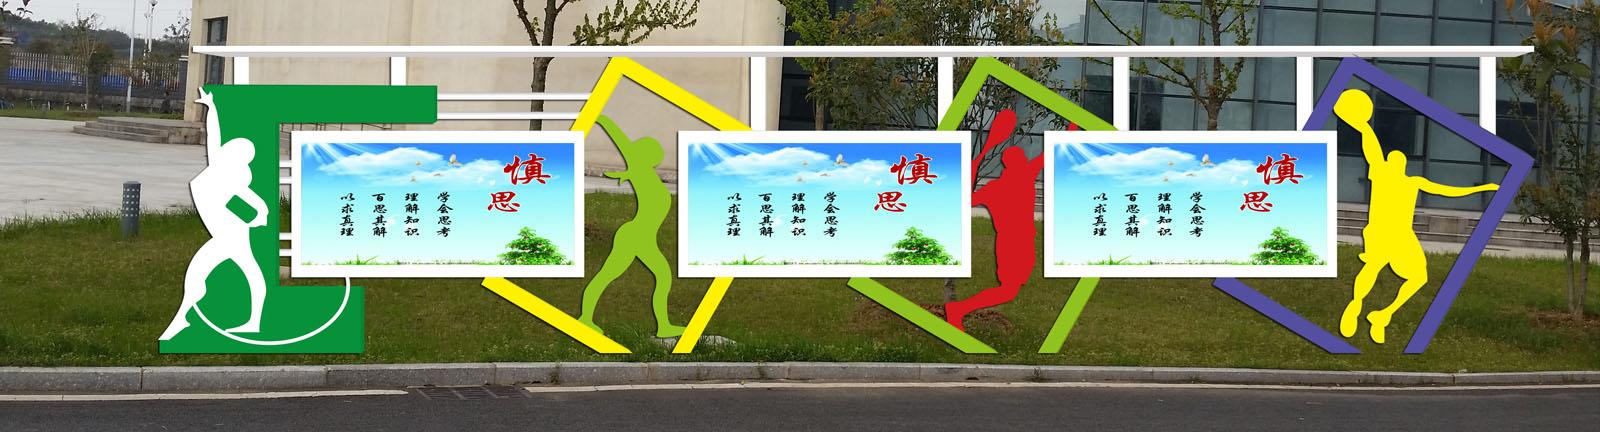 汉中公交候车亭